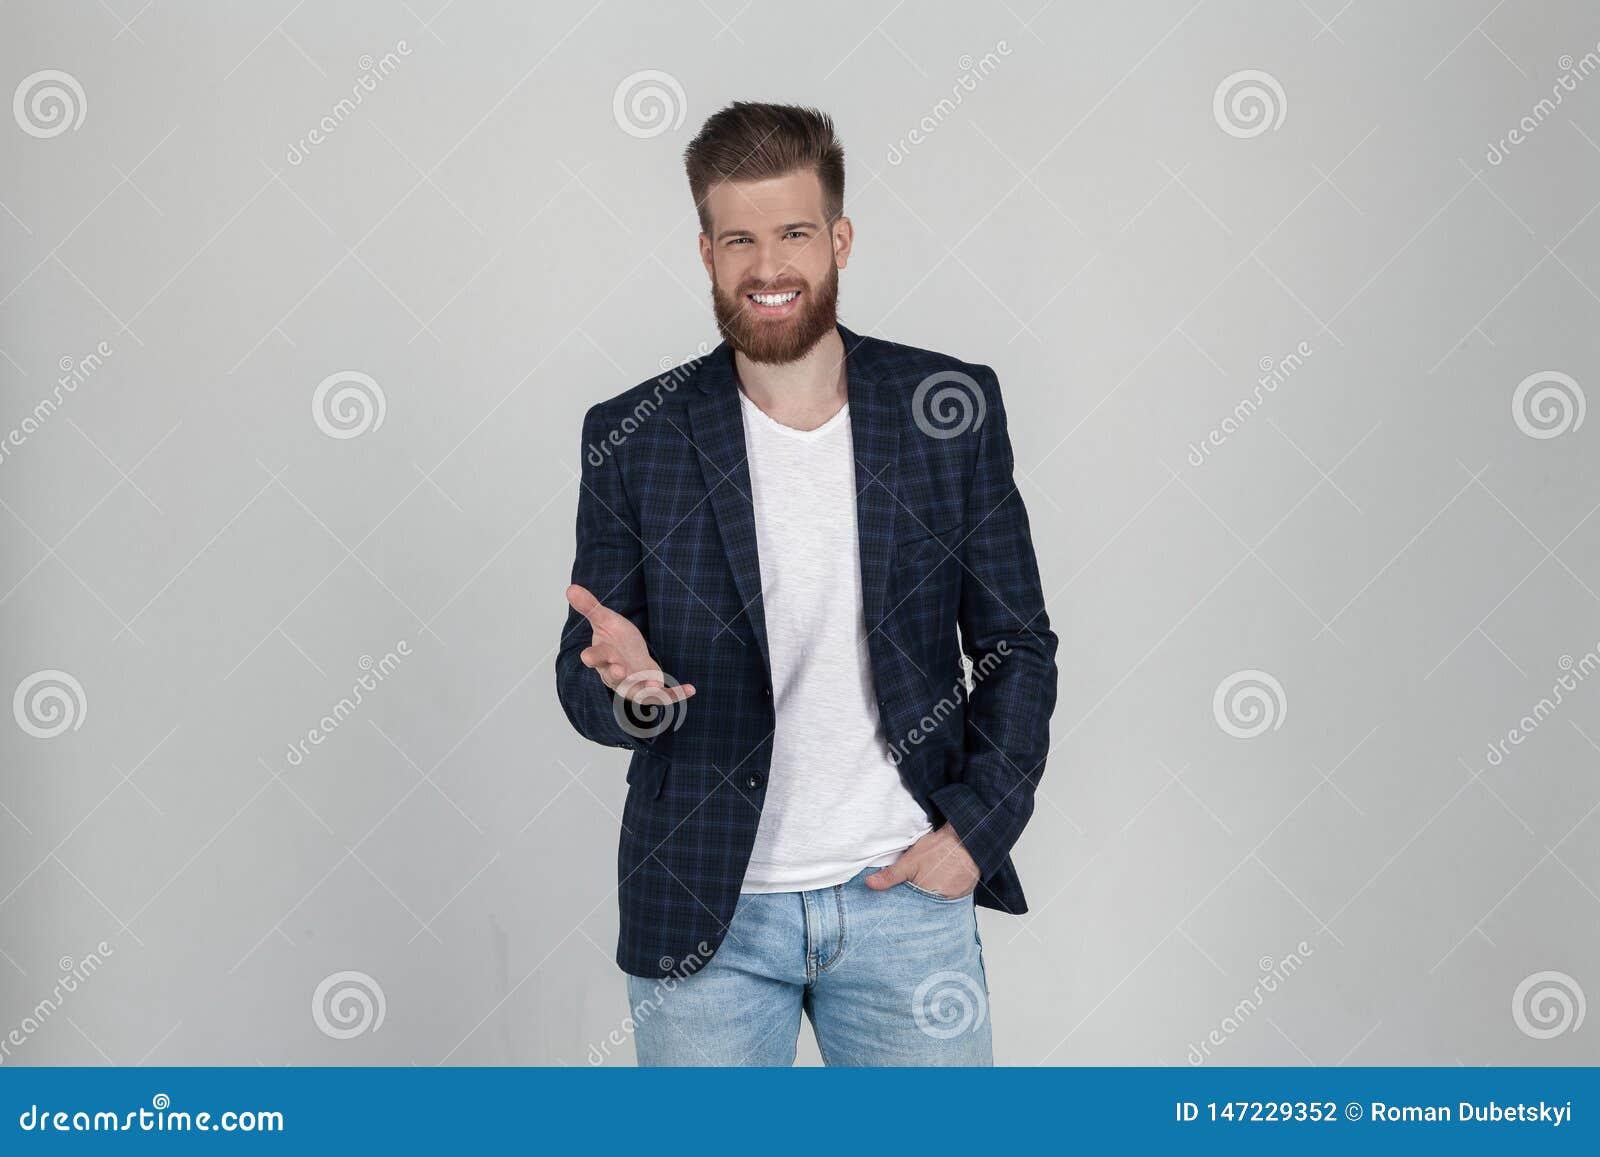 Piękny seksowny brodaty mężczyzna w kurtce pozytywnego wyrażenie, punkty z palcem wskazującym kamera stoi przed